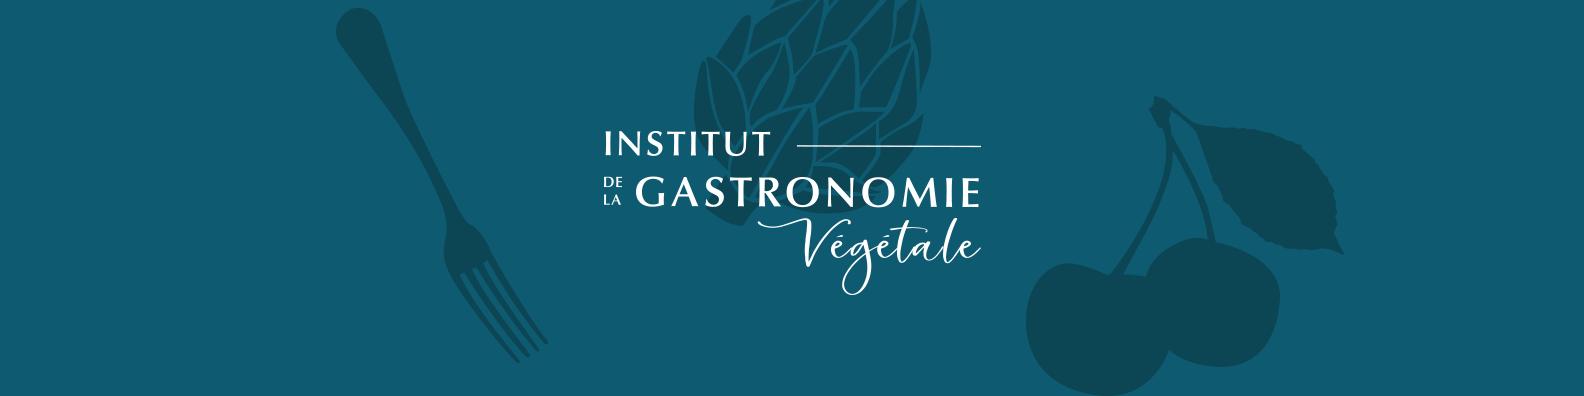 Logo Institut de la Gastronomie végétale